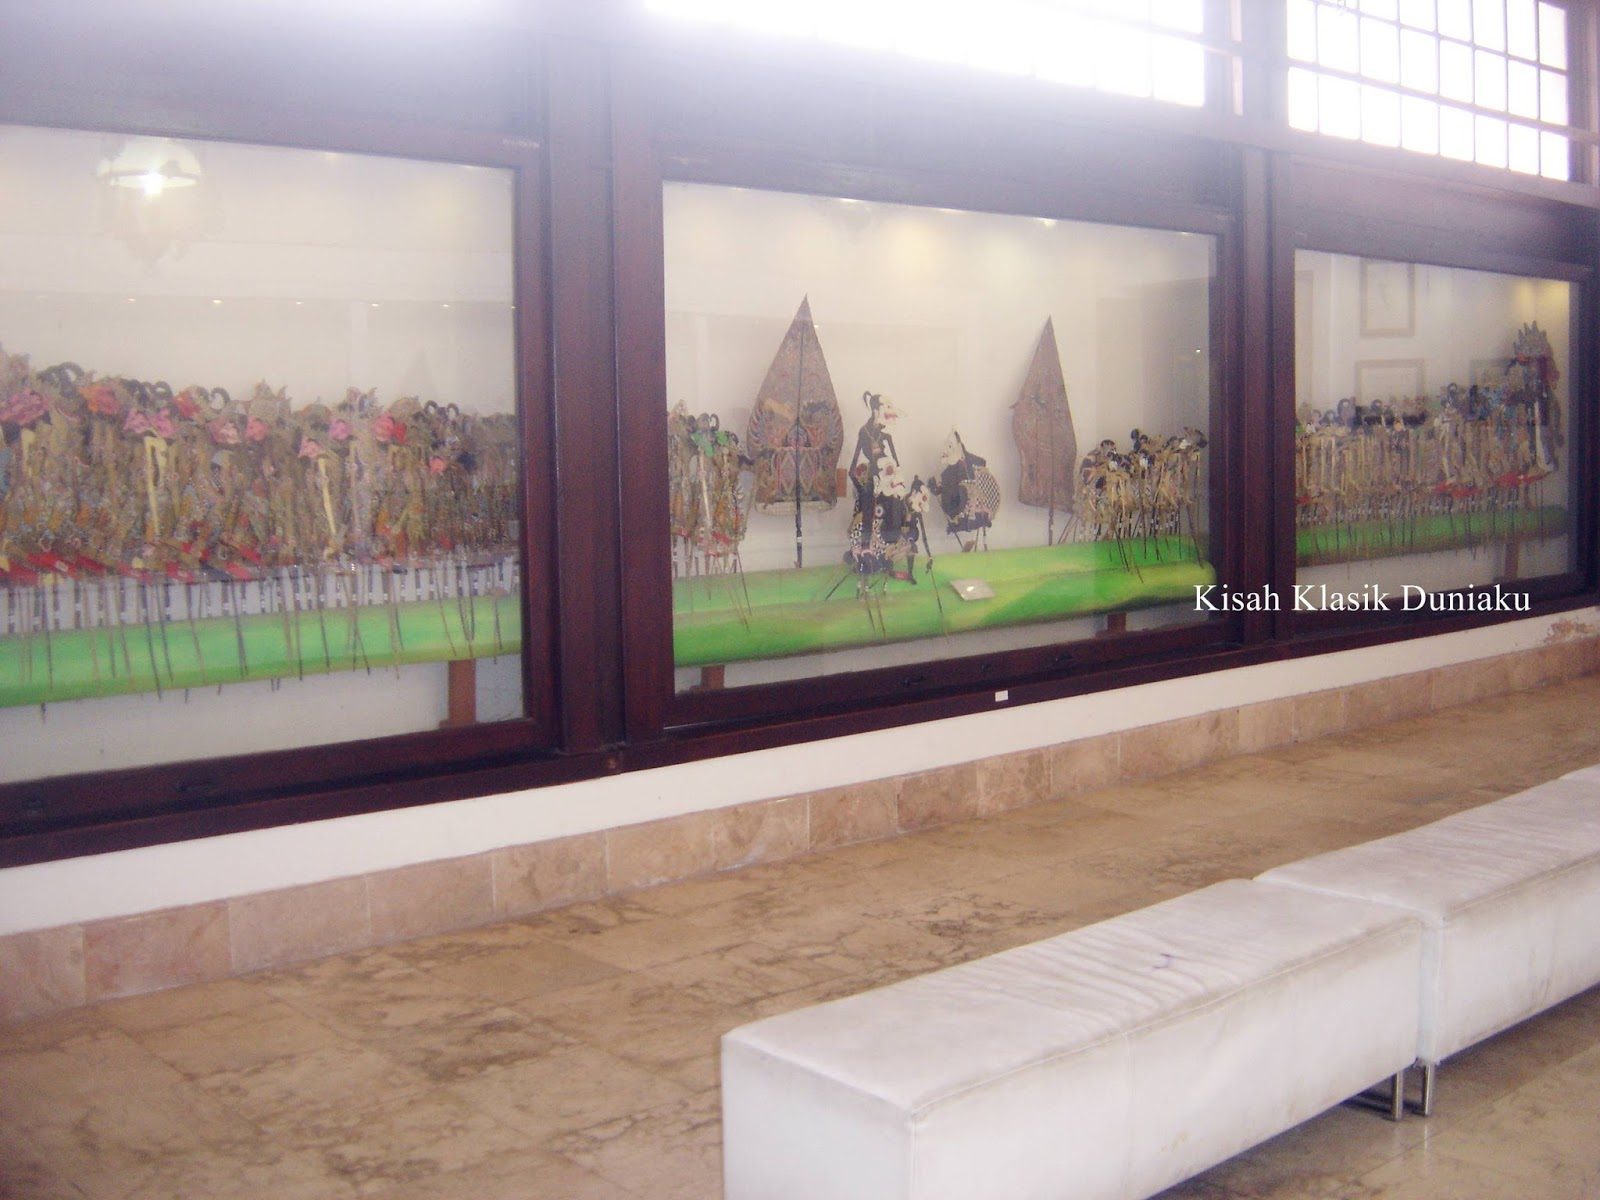 Kisah Klasik Duniaku Museum Sonobudoyo Unit 1 Jenis Wayang Lain